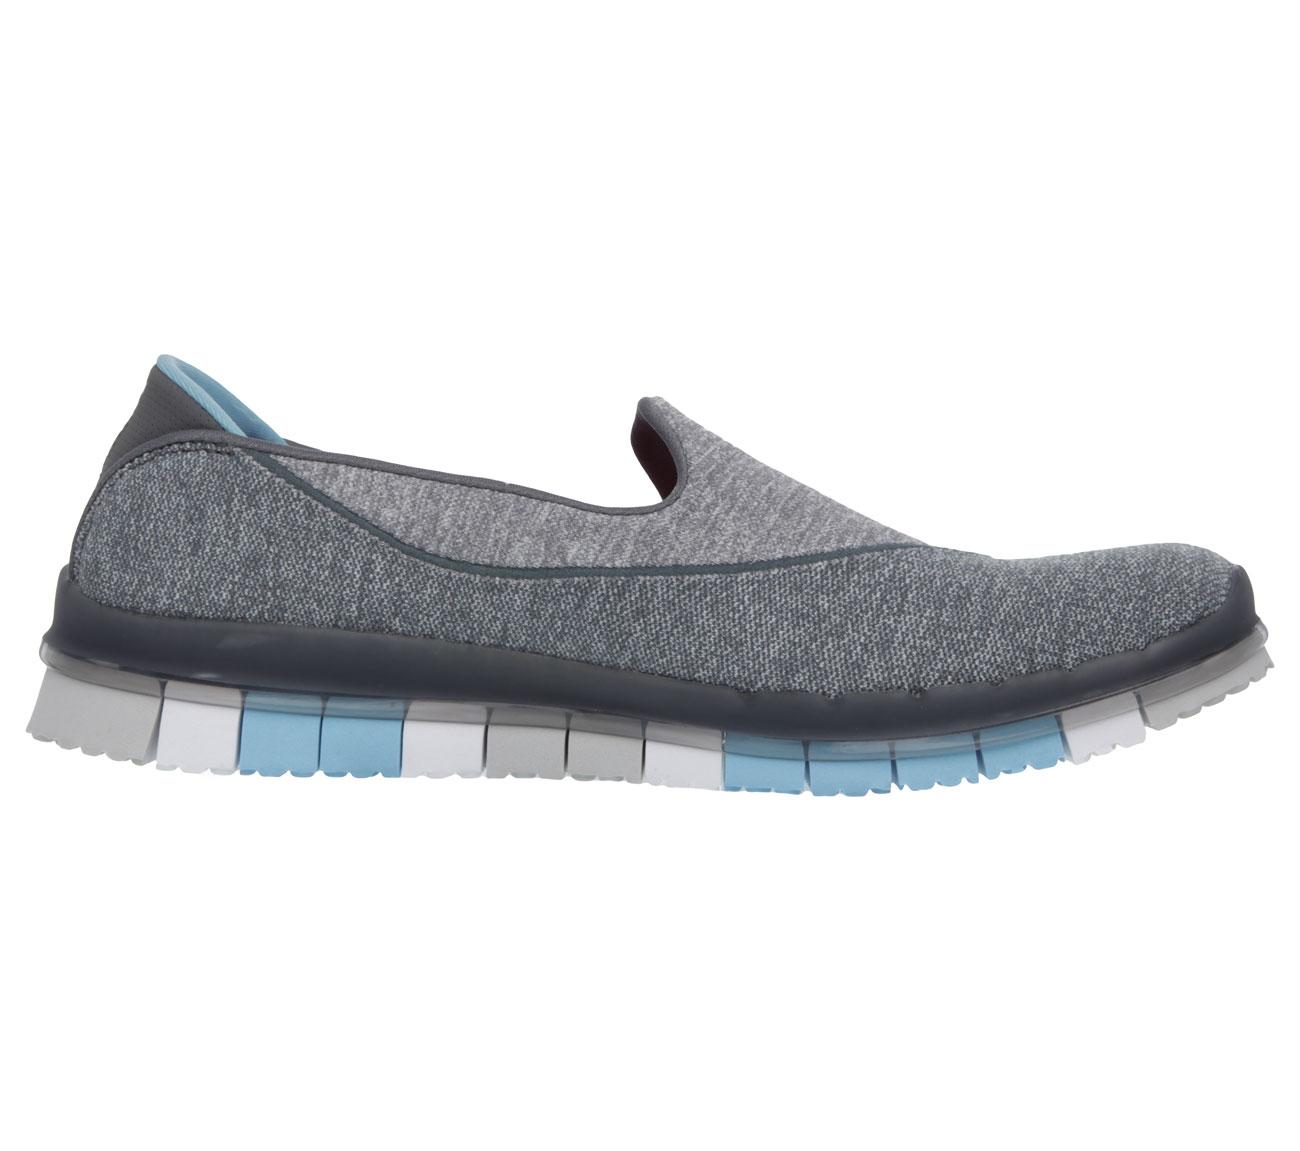 Skechers-Go Flex Slip On-CCBL-$149.90